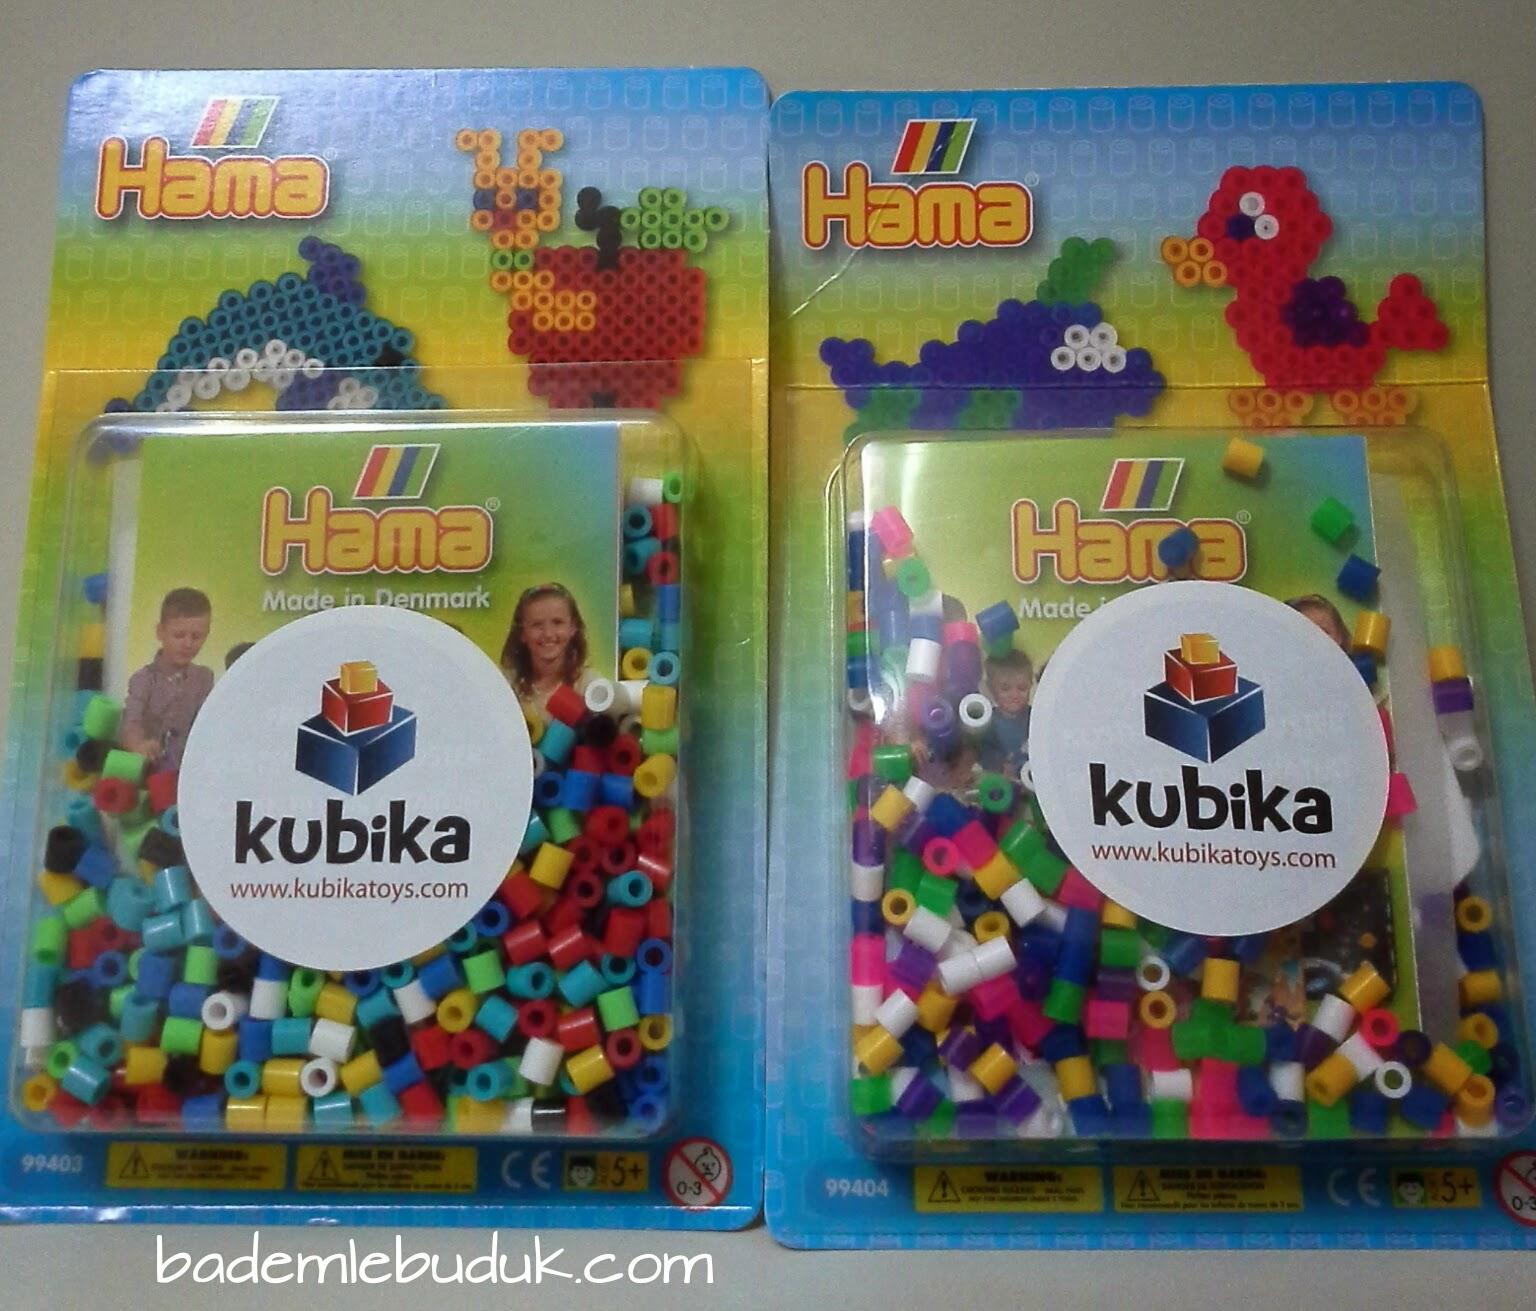 Kubika Toys